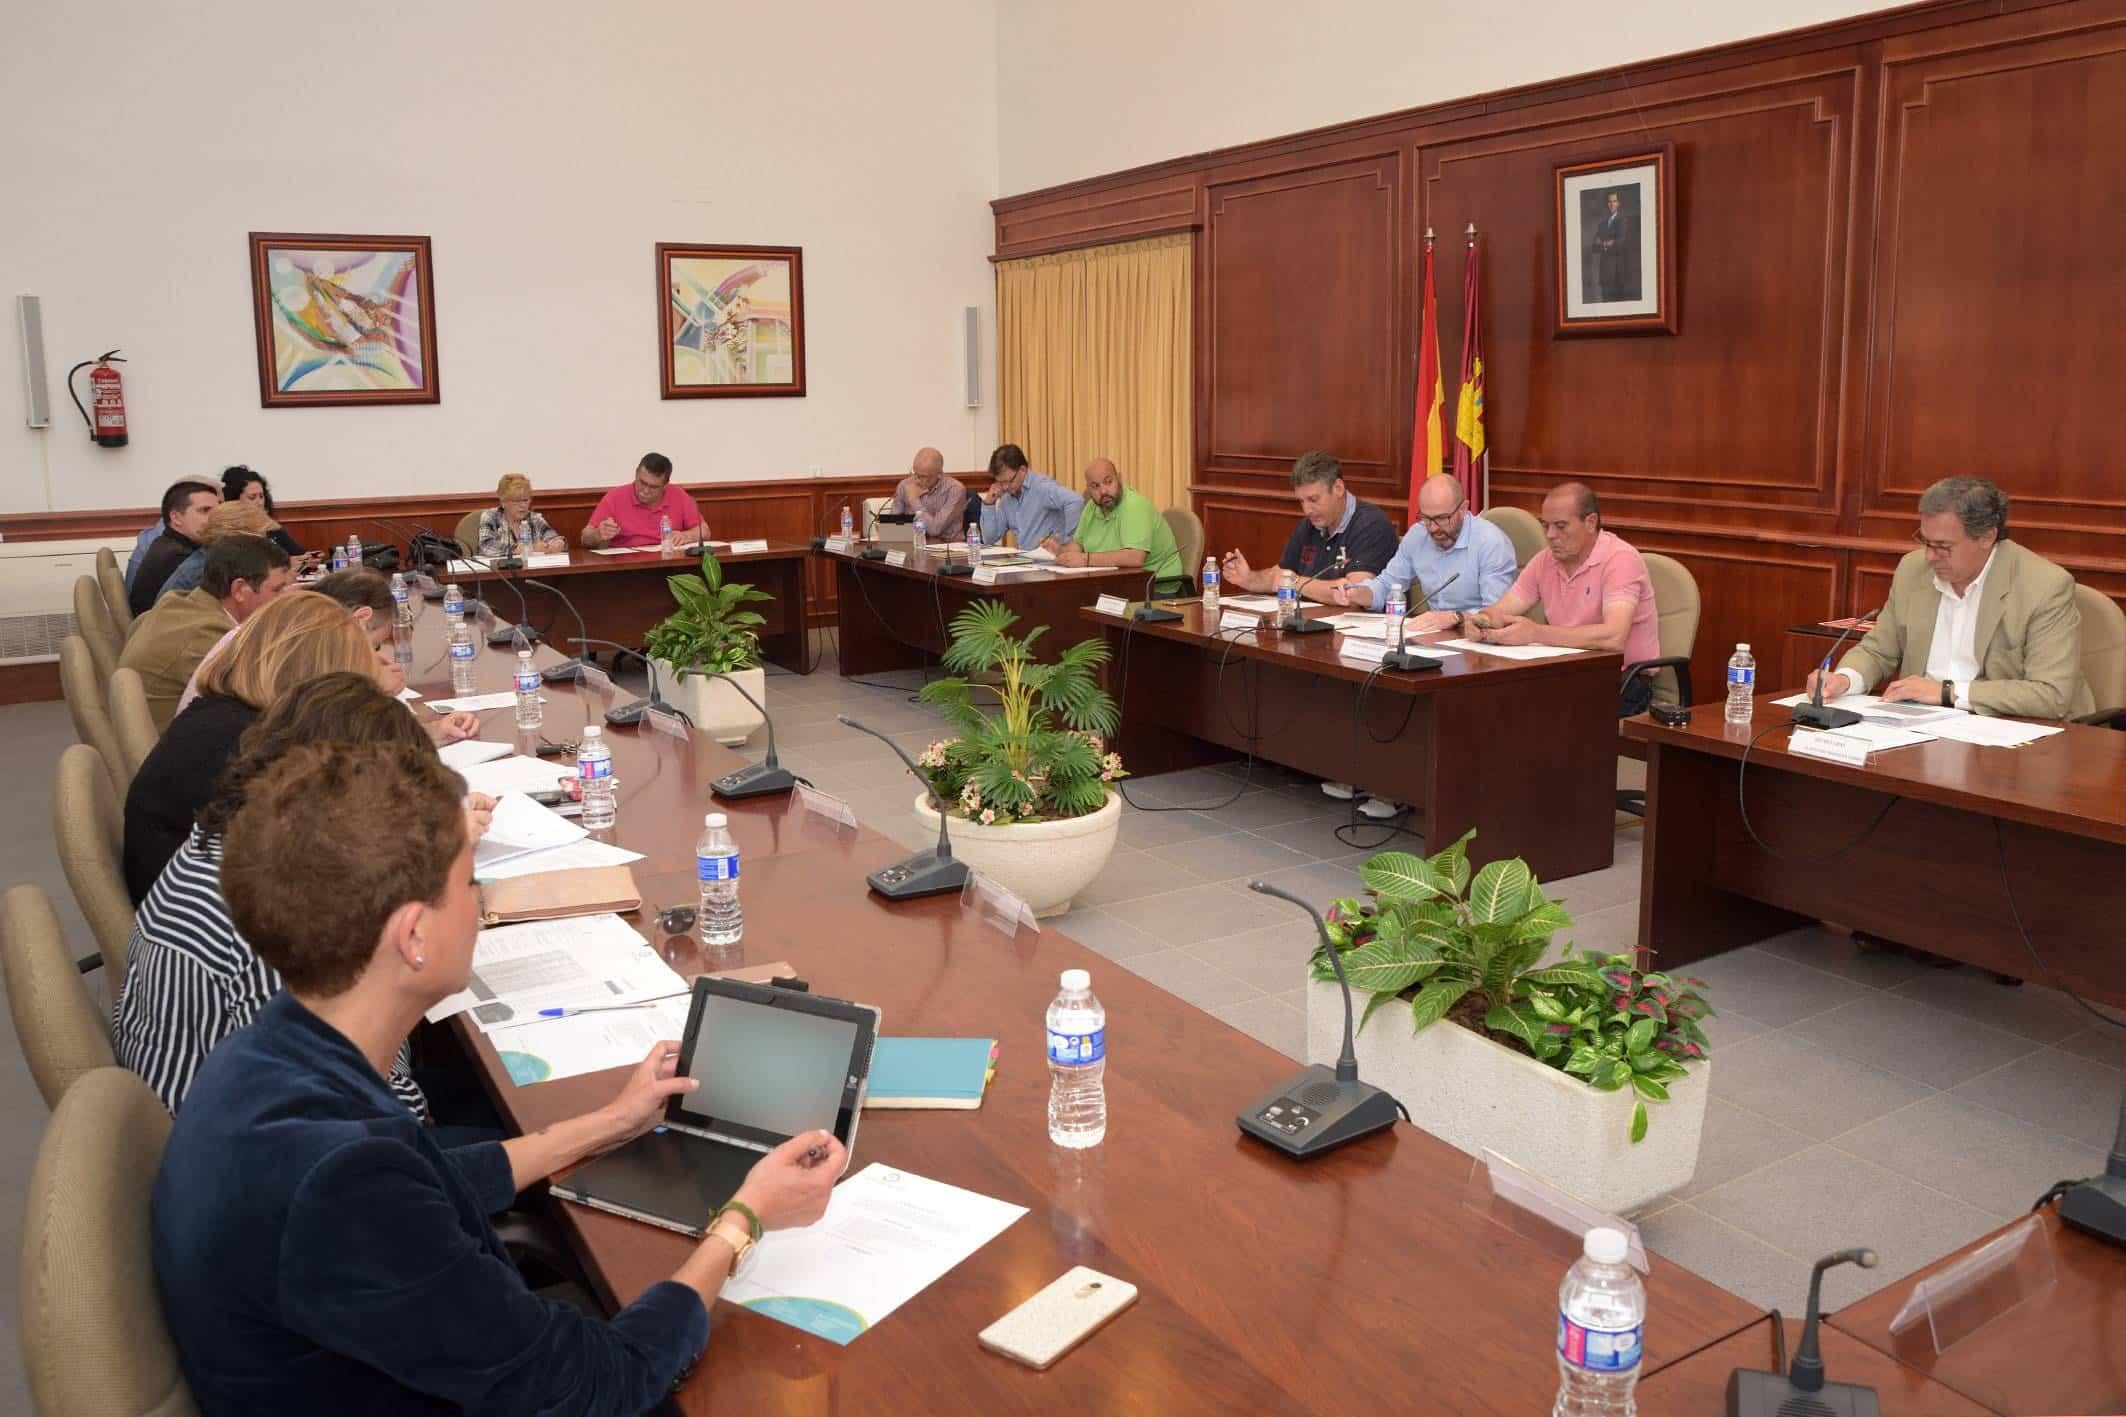 20180506 Pleno Ordinario Comsermancha - El Pleno de Comsermancha celebró su sesión ordinaria del mes de junio